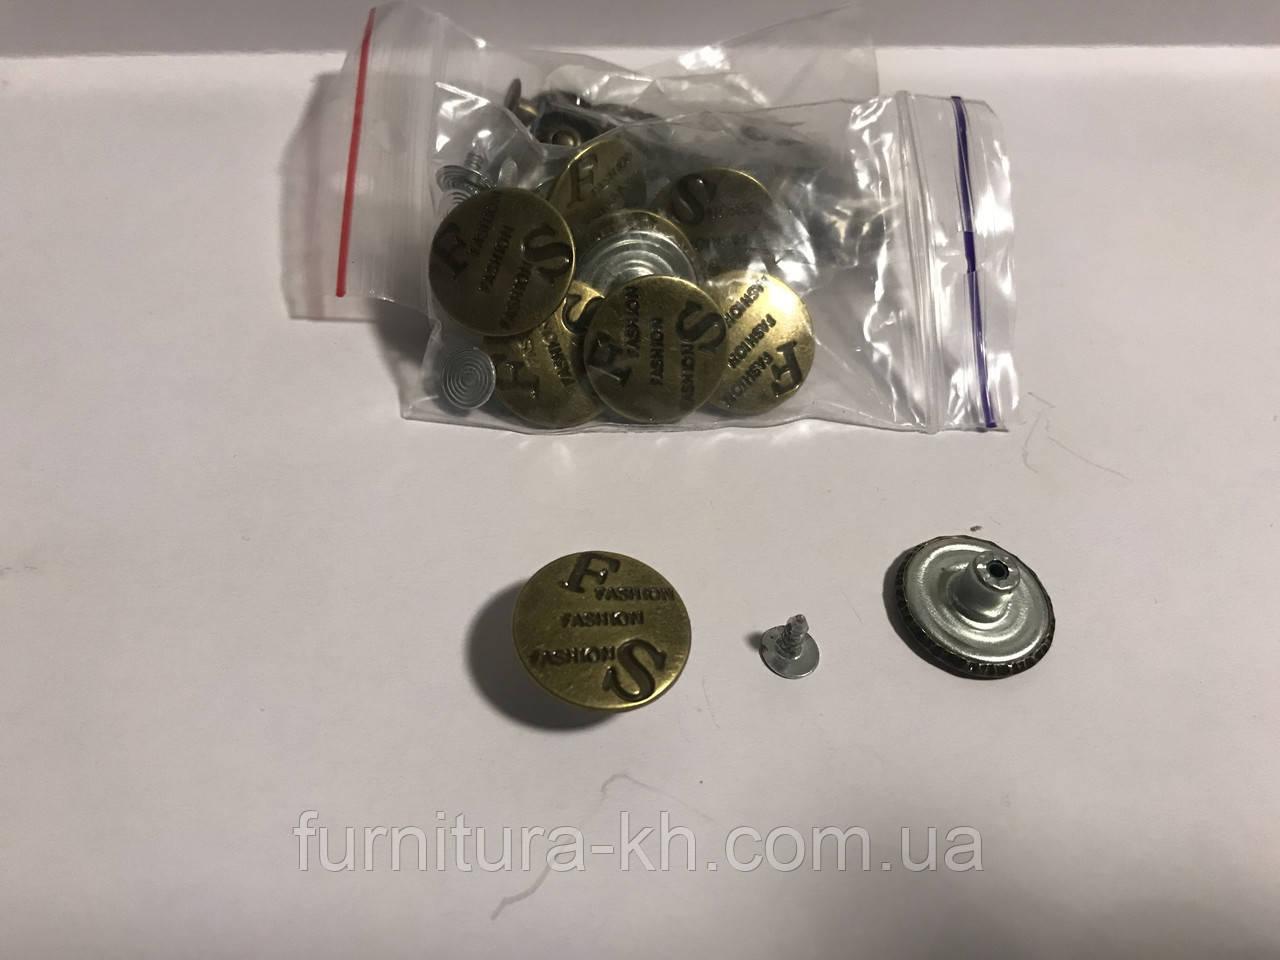 Джинсові гудзики (діаметр 20мм) в уп 10шт